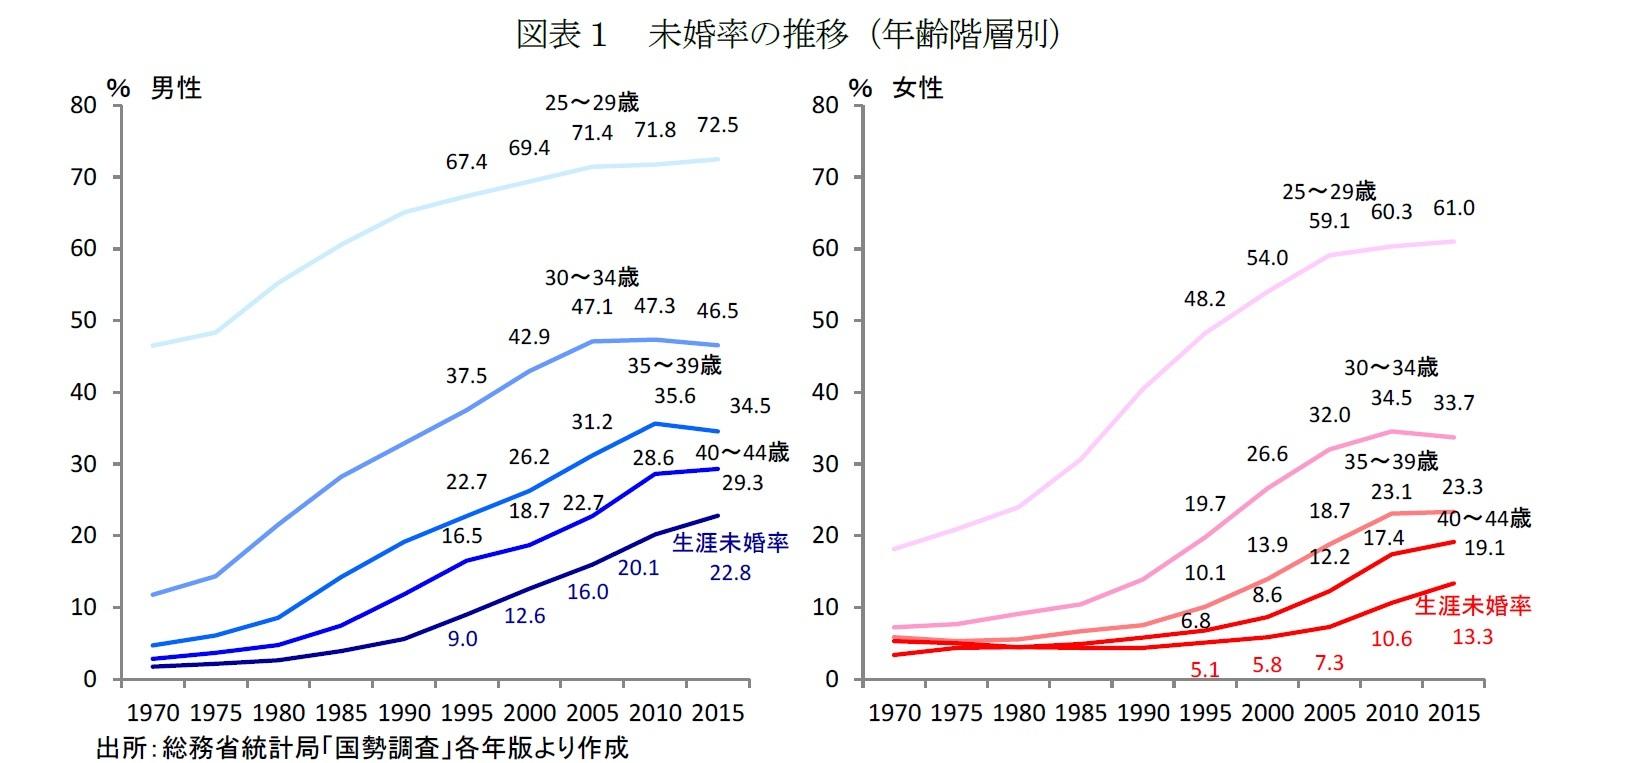 図表1 未婚率の推移(年齢階層別)